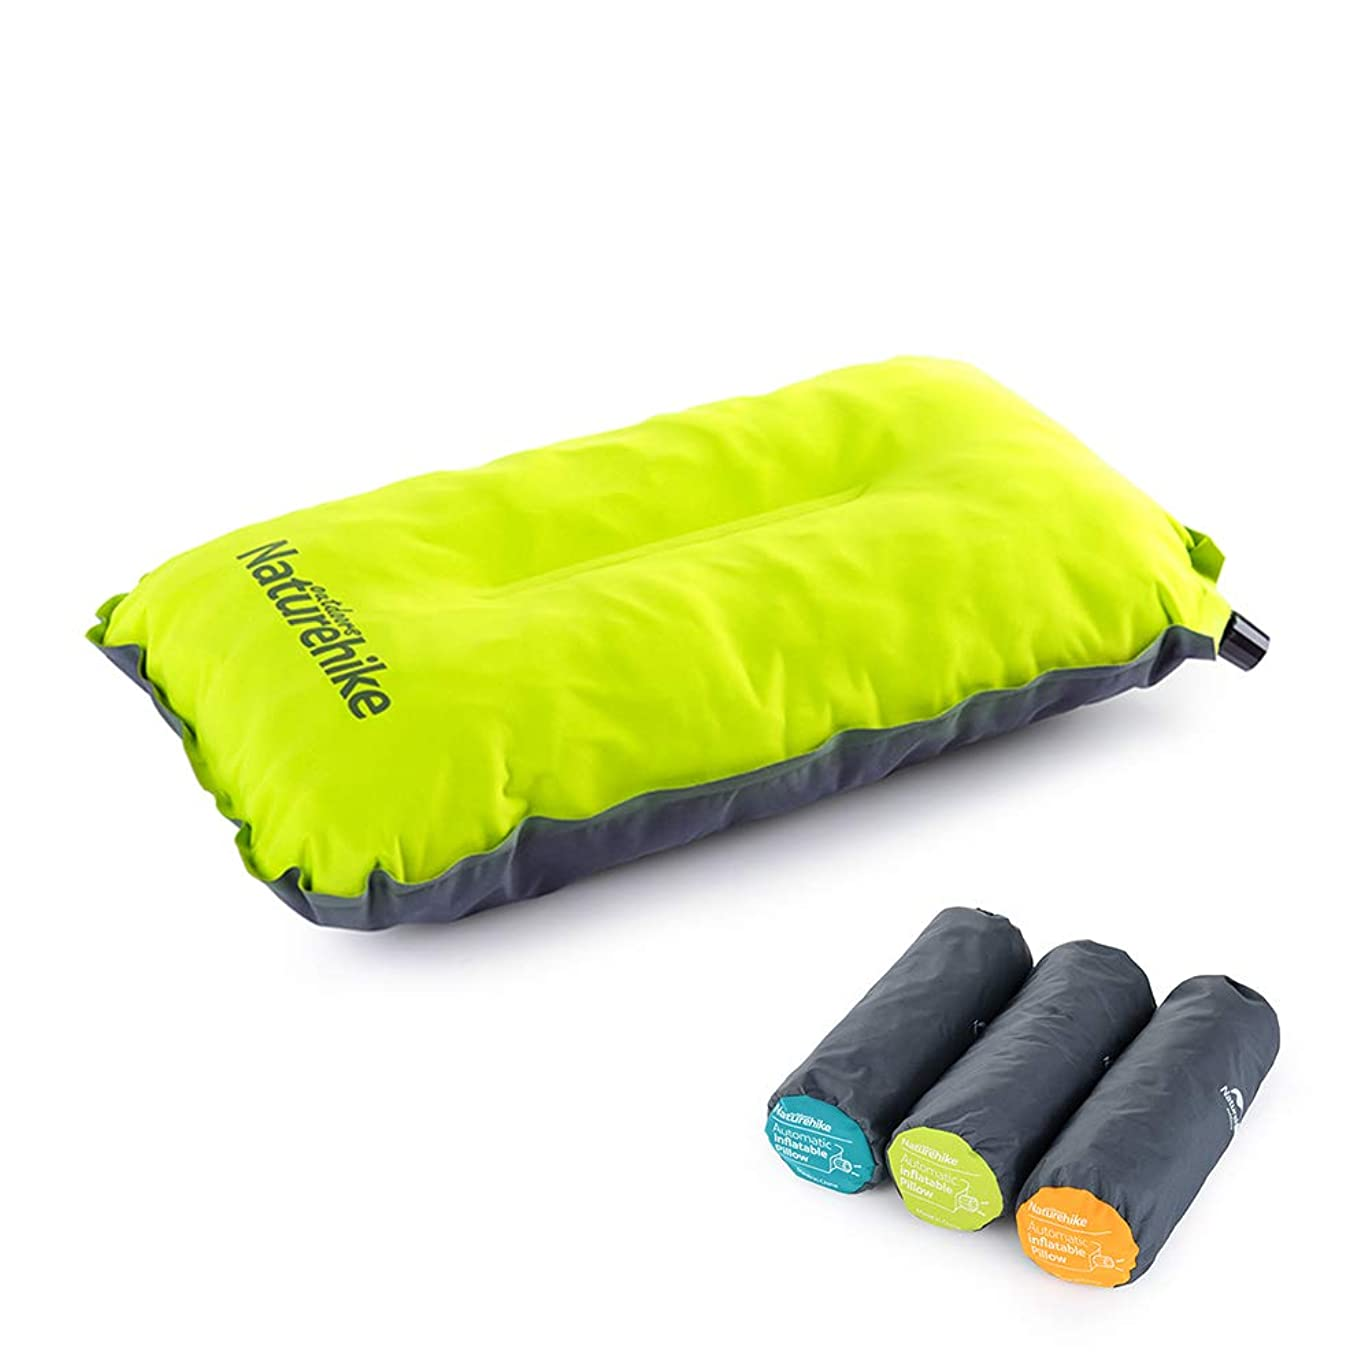 ベットエアコンクローンNatureHike 自動インフレーターピロー 超軽量インフレータブル 枕 トラベルアウトドア枕 キャンプ用品 収納袋付き